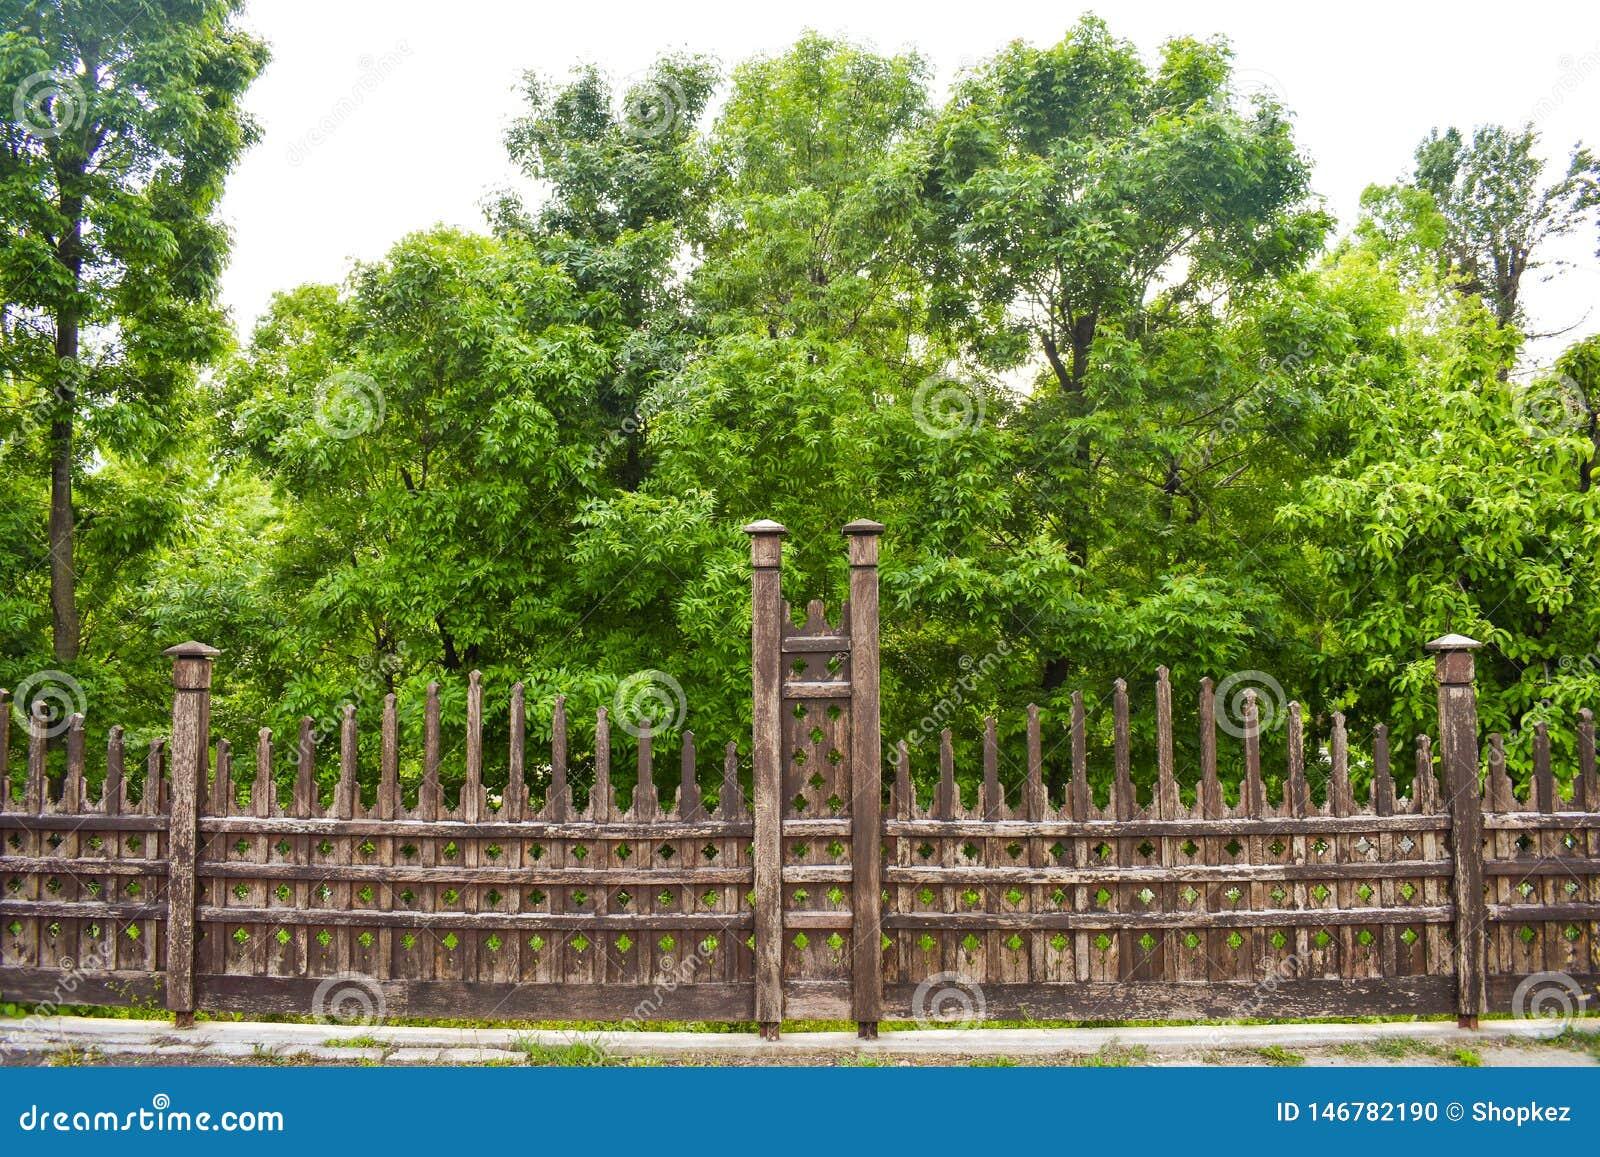 Cerca de madeira bonita no jardim da cidade